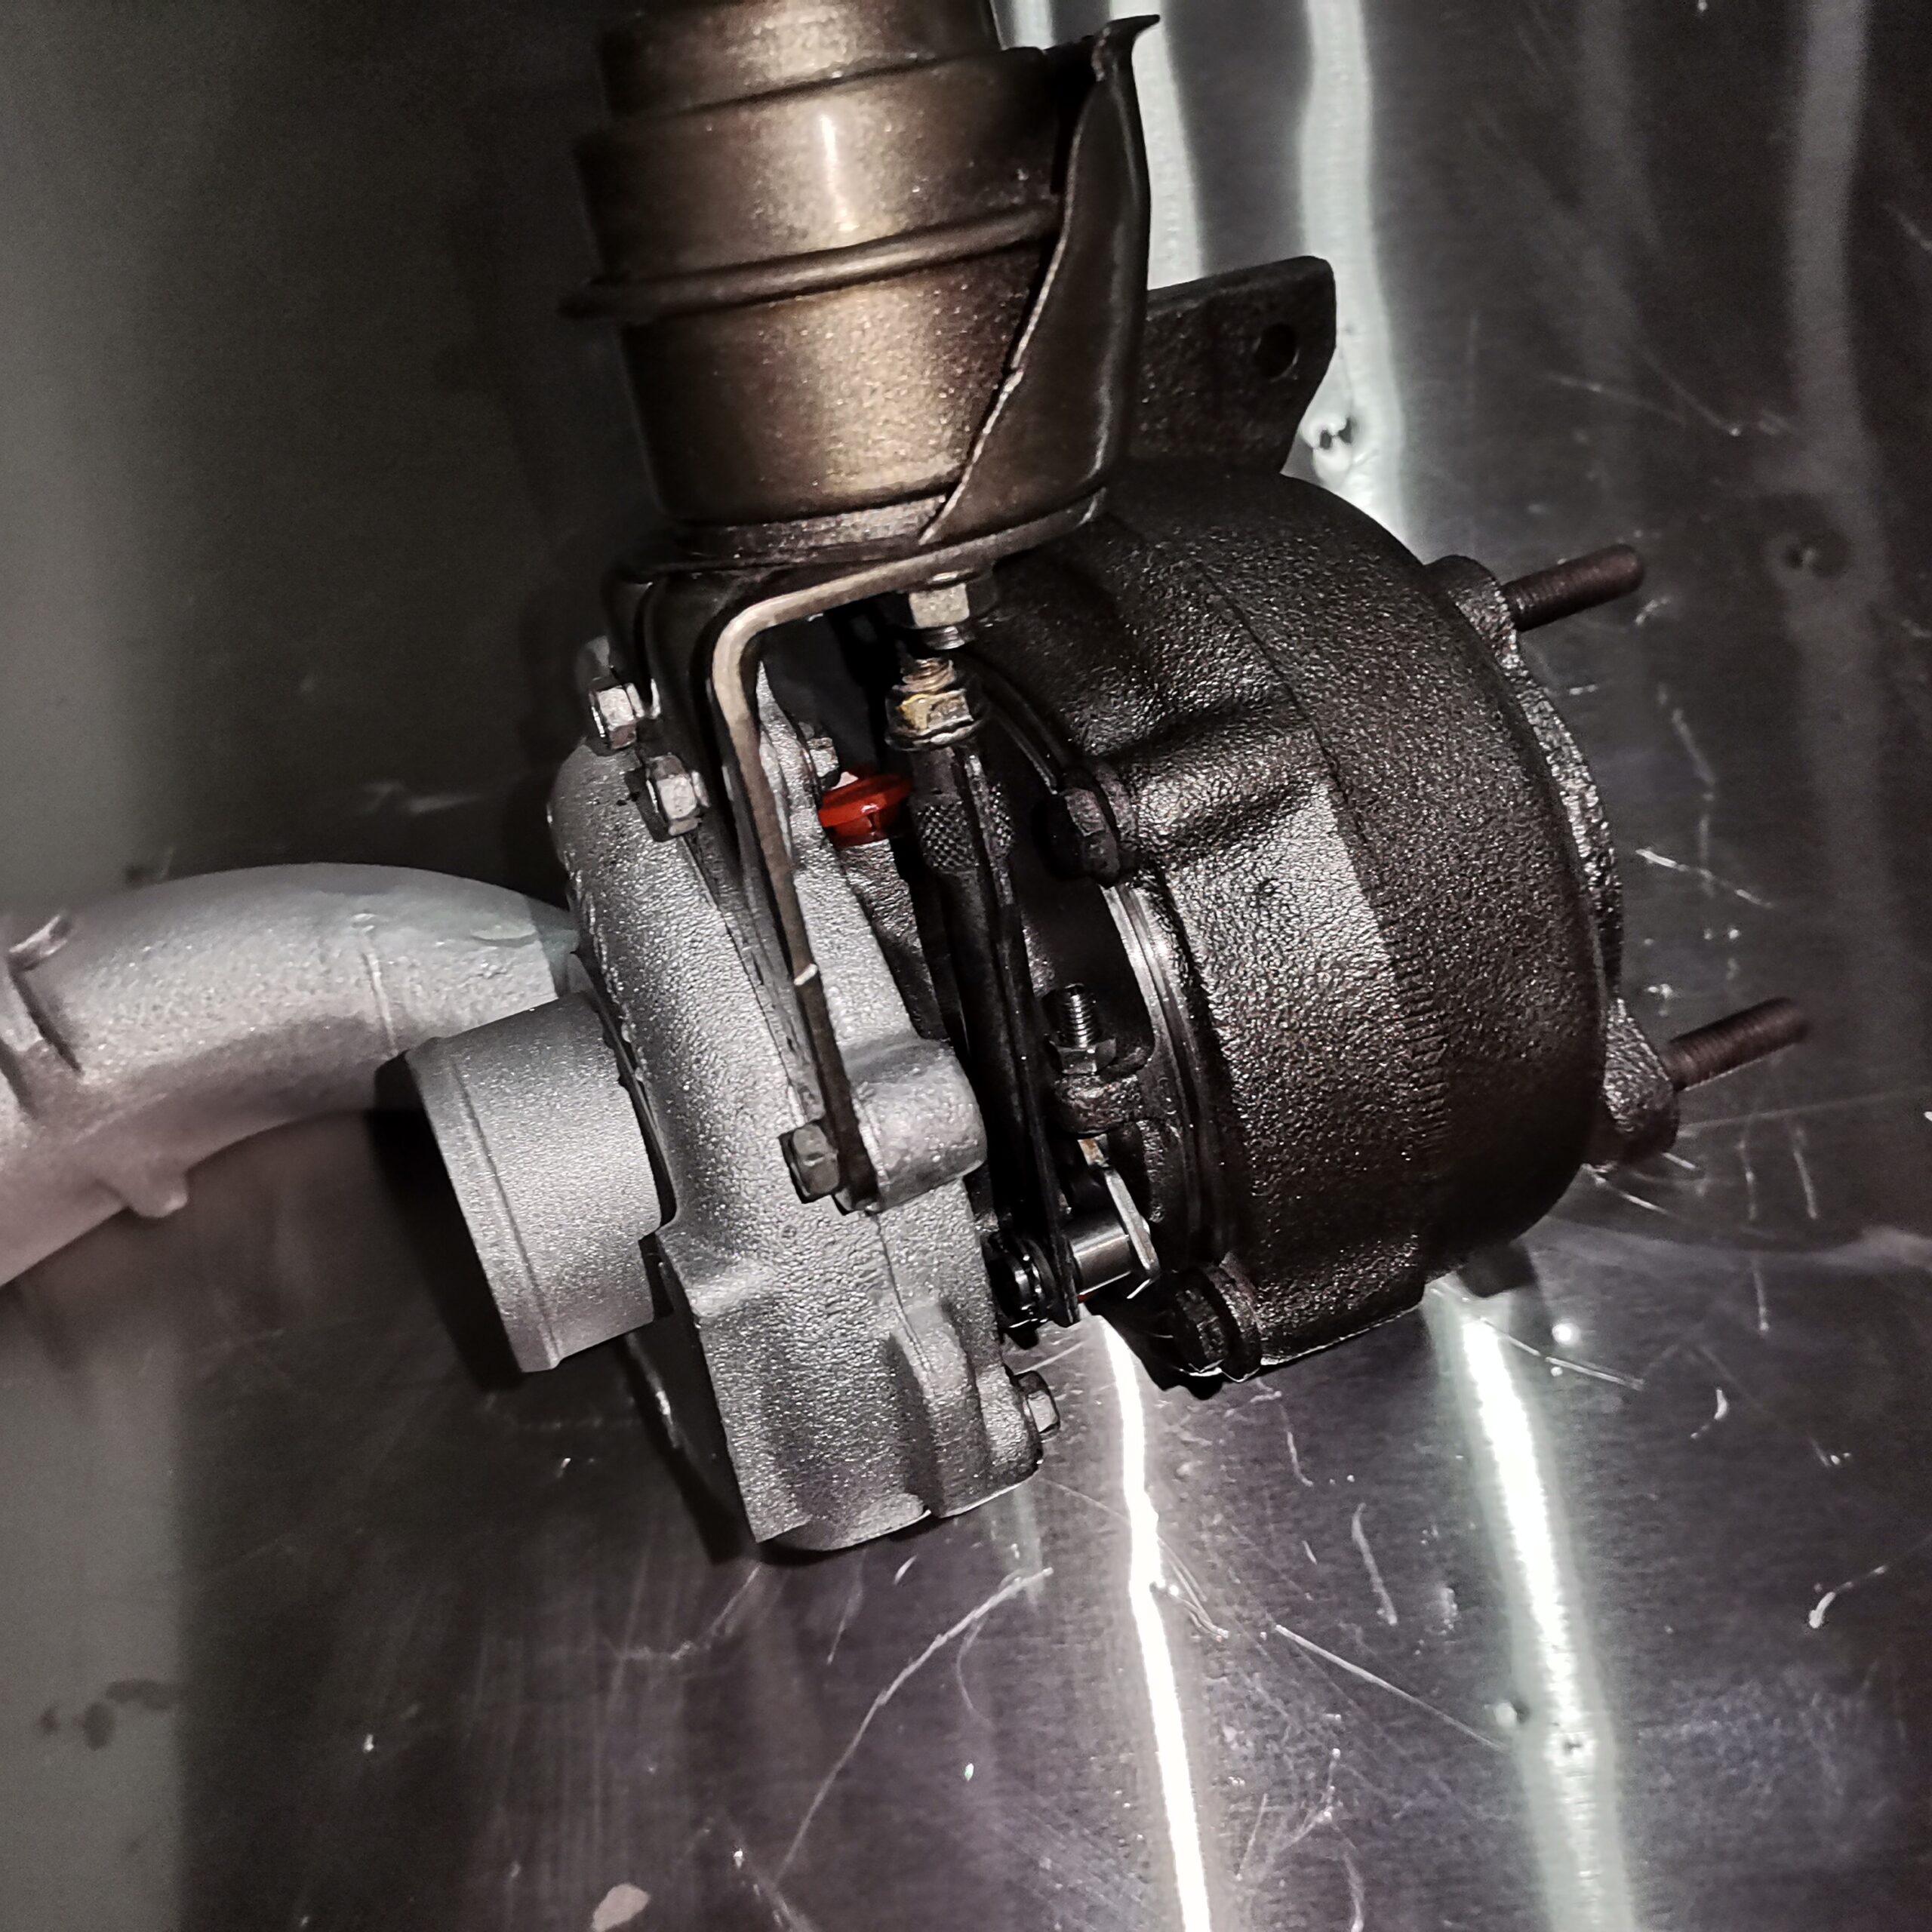 Турбокомпрессор Renault Laguna после ремонта в turboday